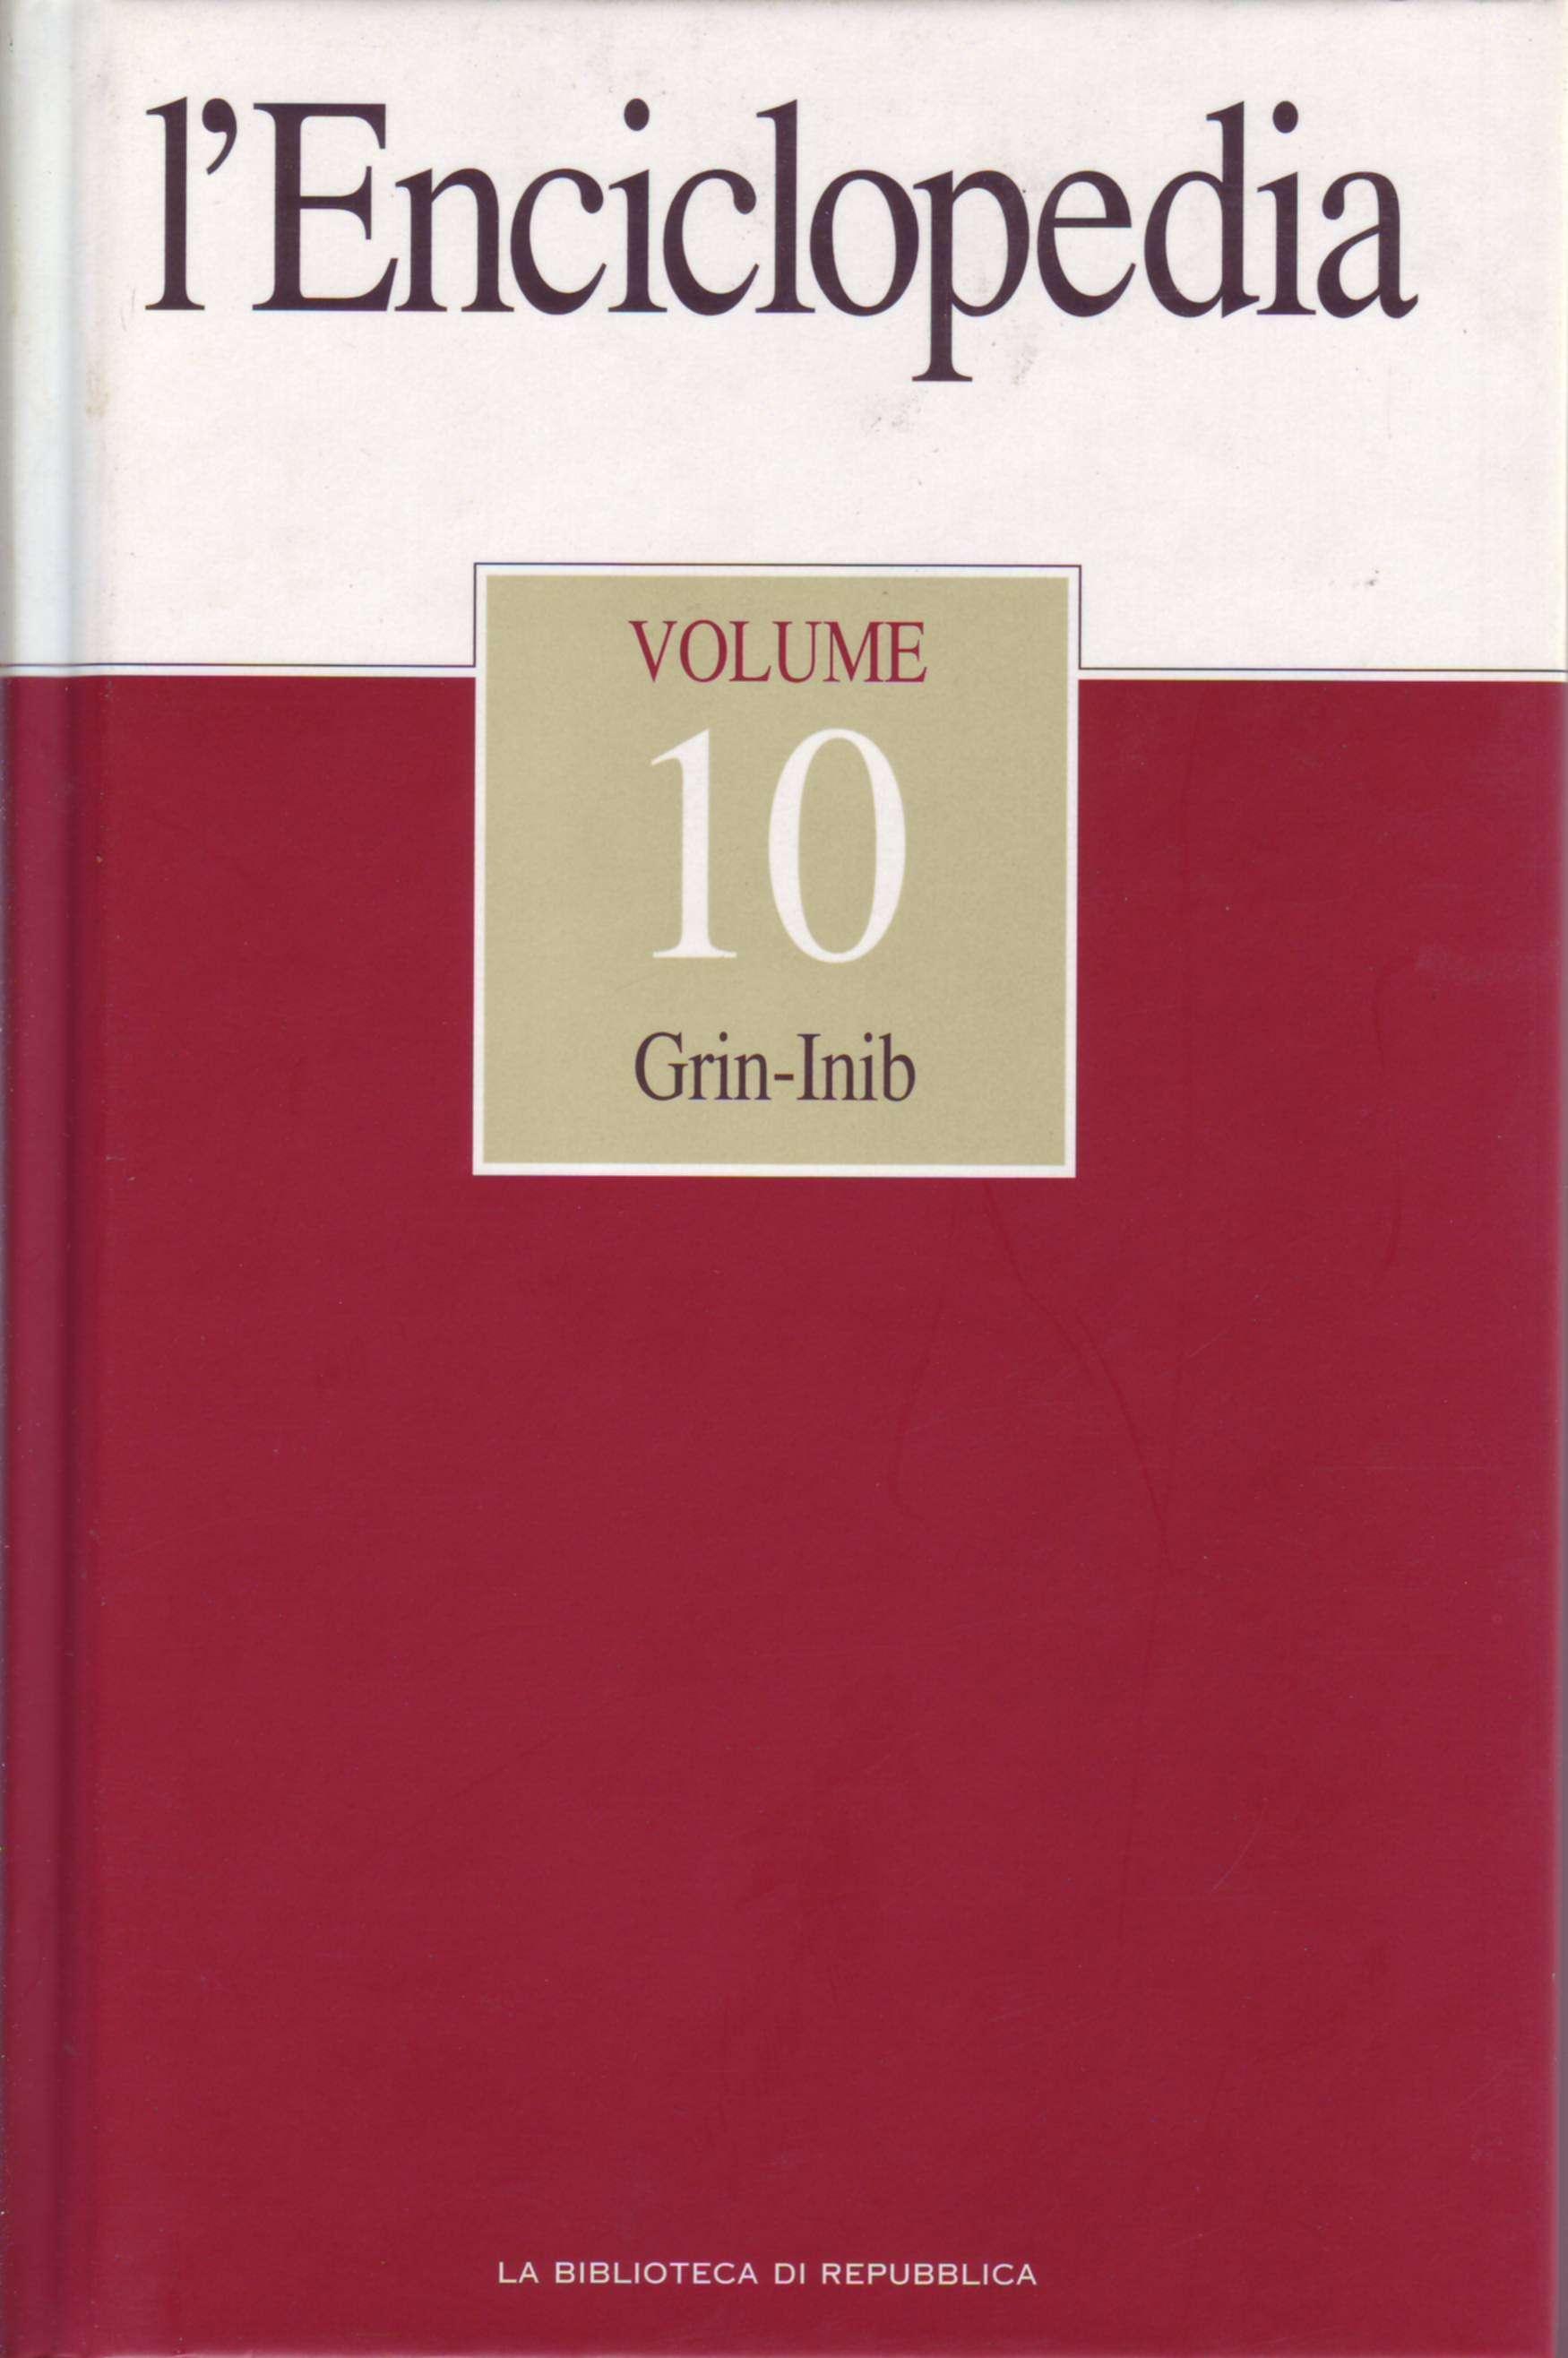 L'Enciclopedia - Vol. 10